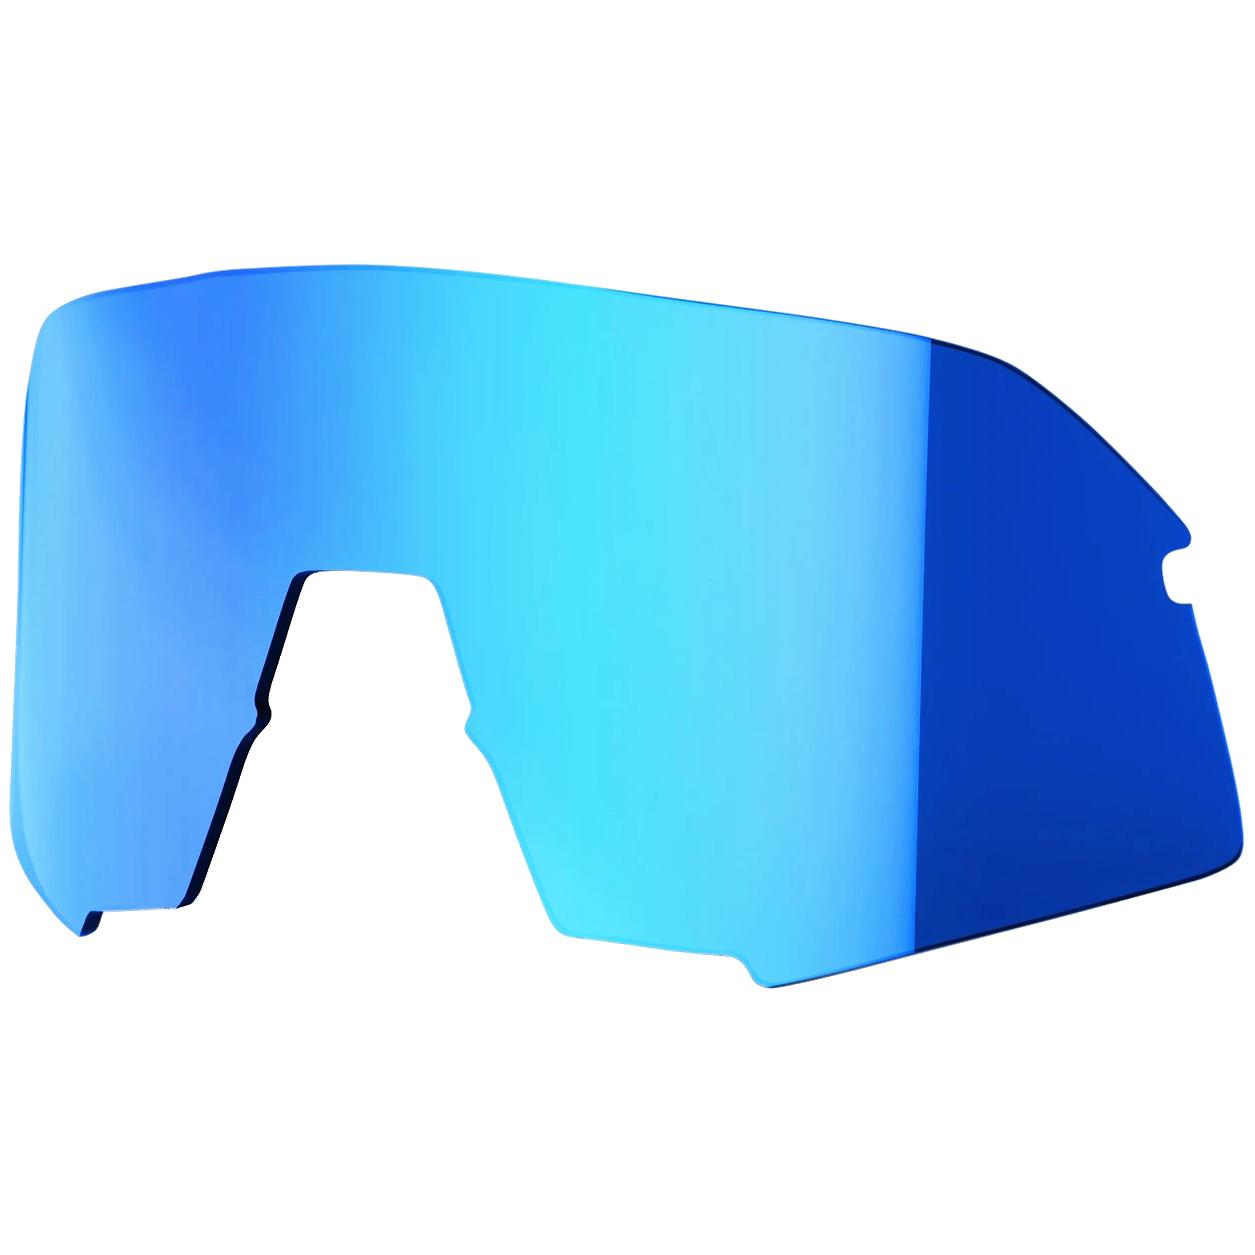 100% S3 Mirror Lente de repuesto - Blue Multilayer Mirror